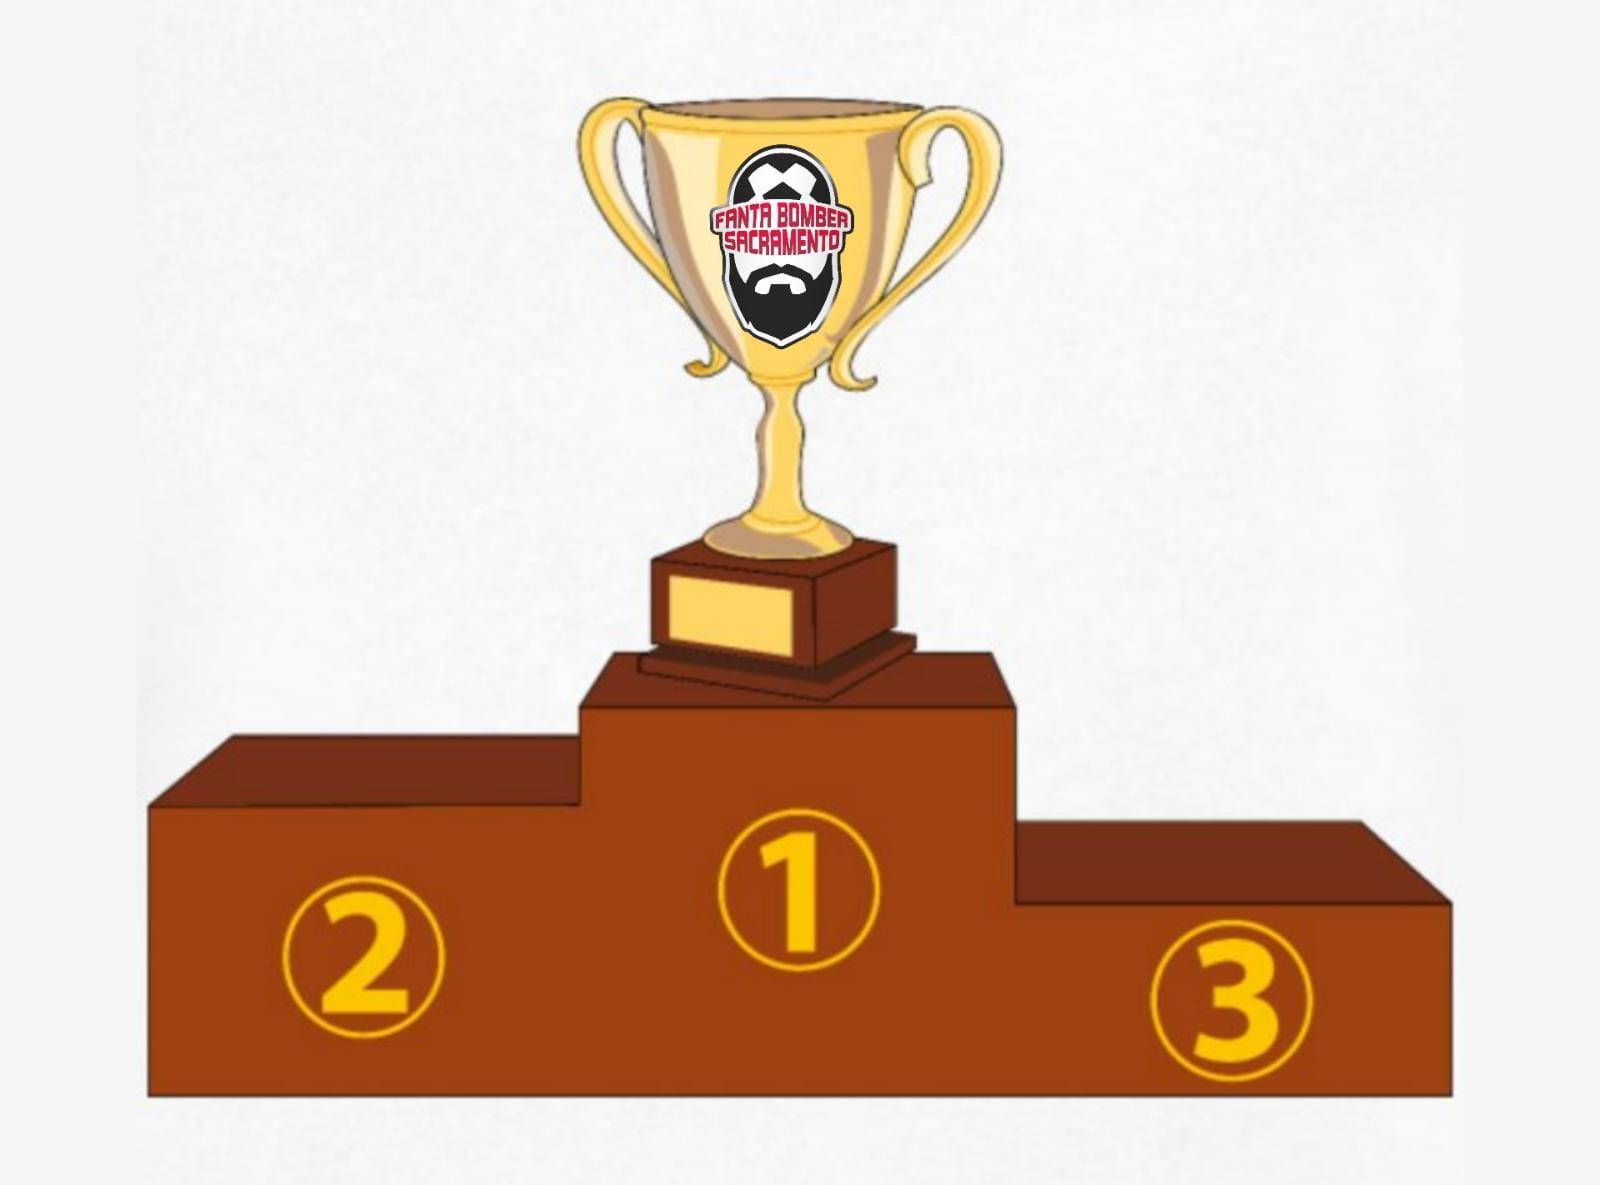 fantabomber-chi-sono-i-vincitori-del-campionato